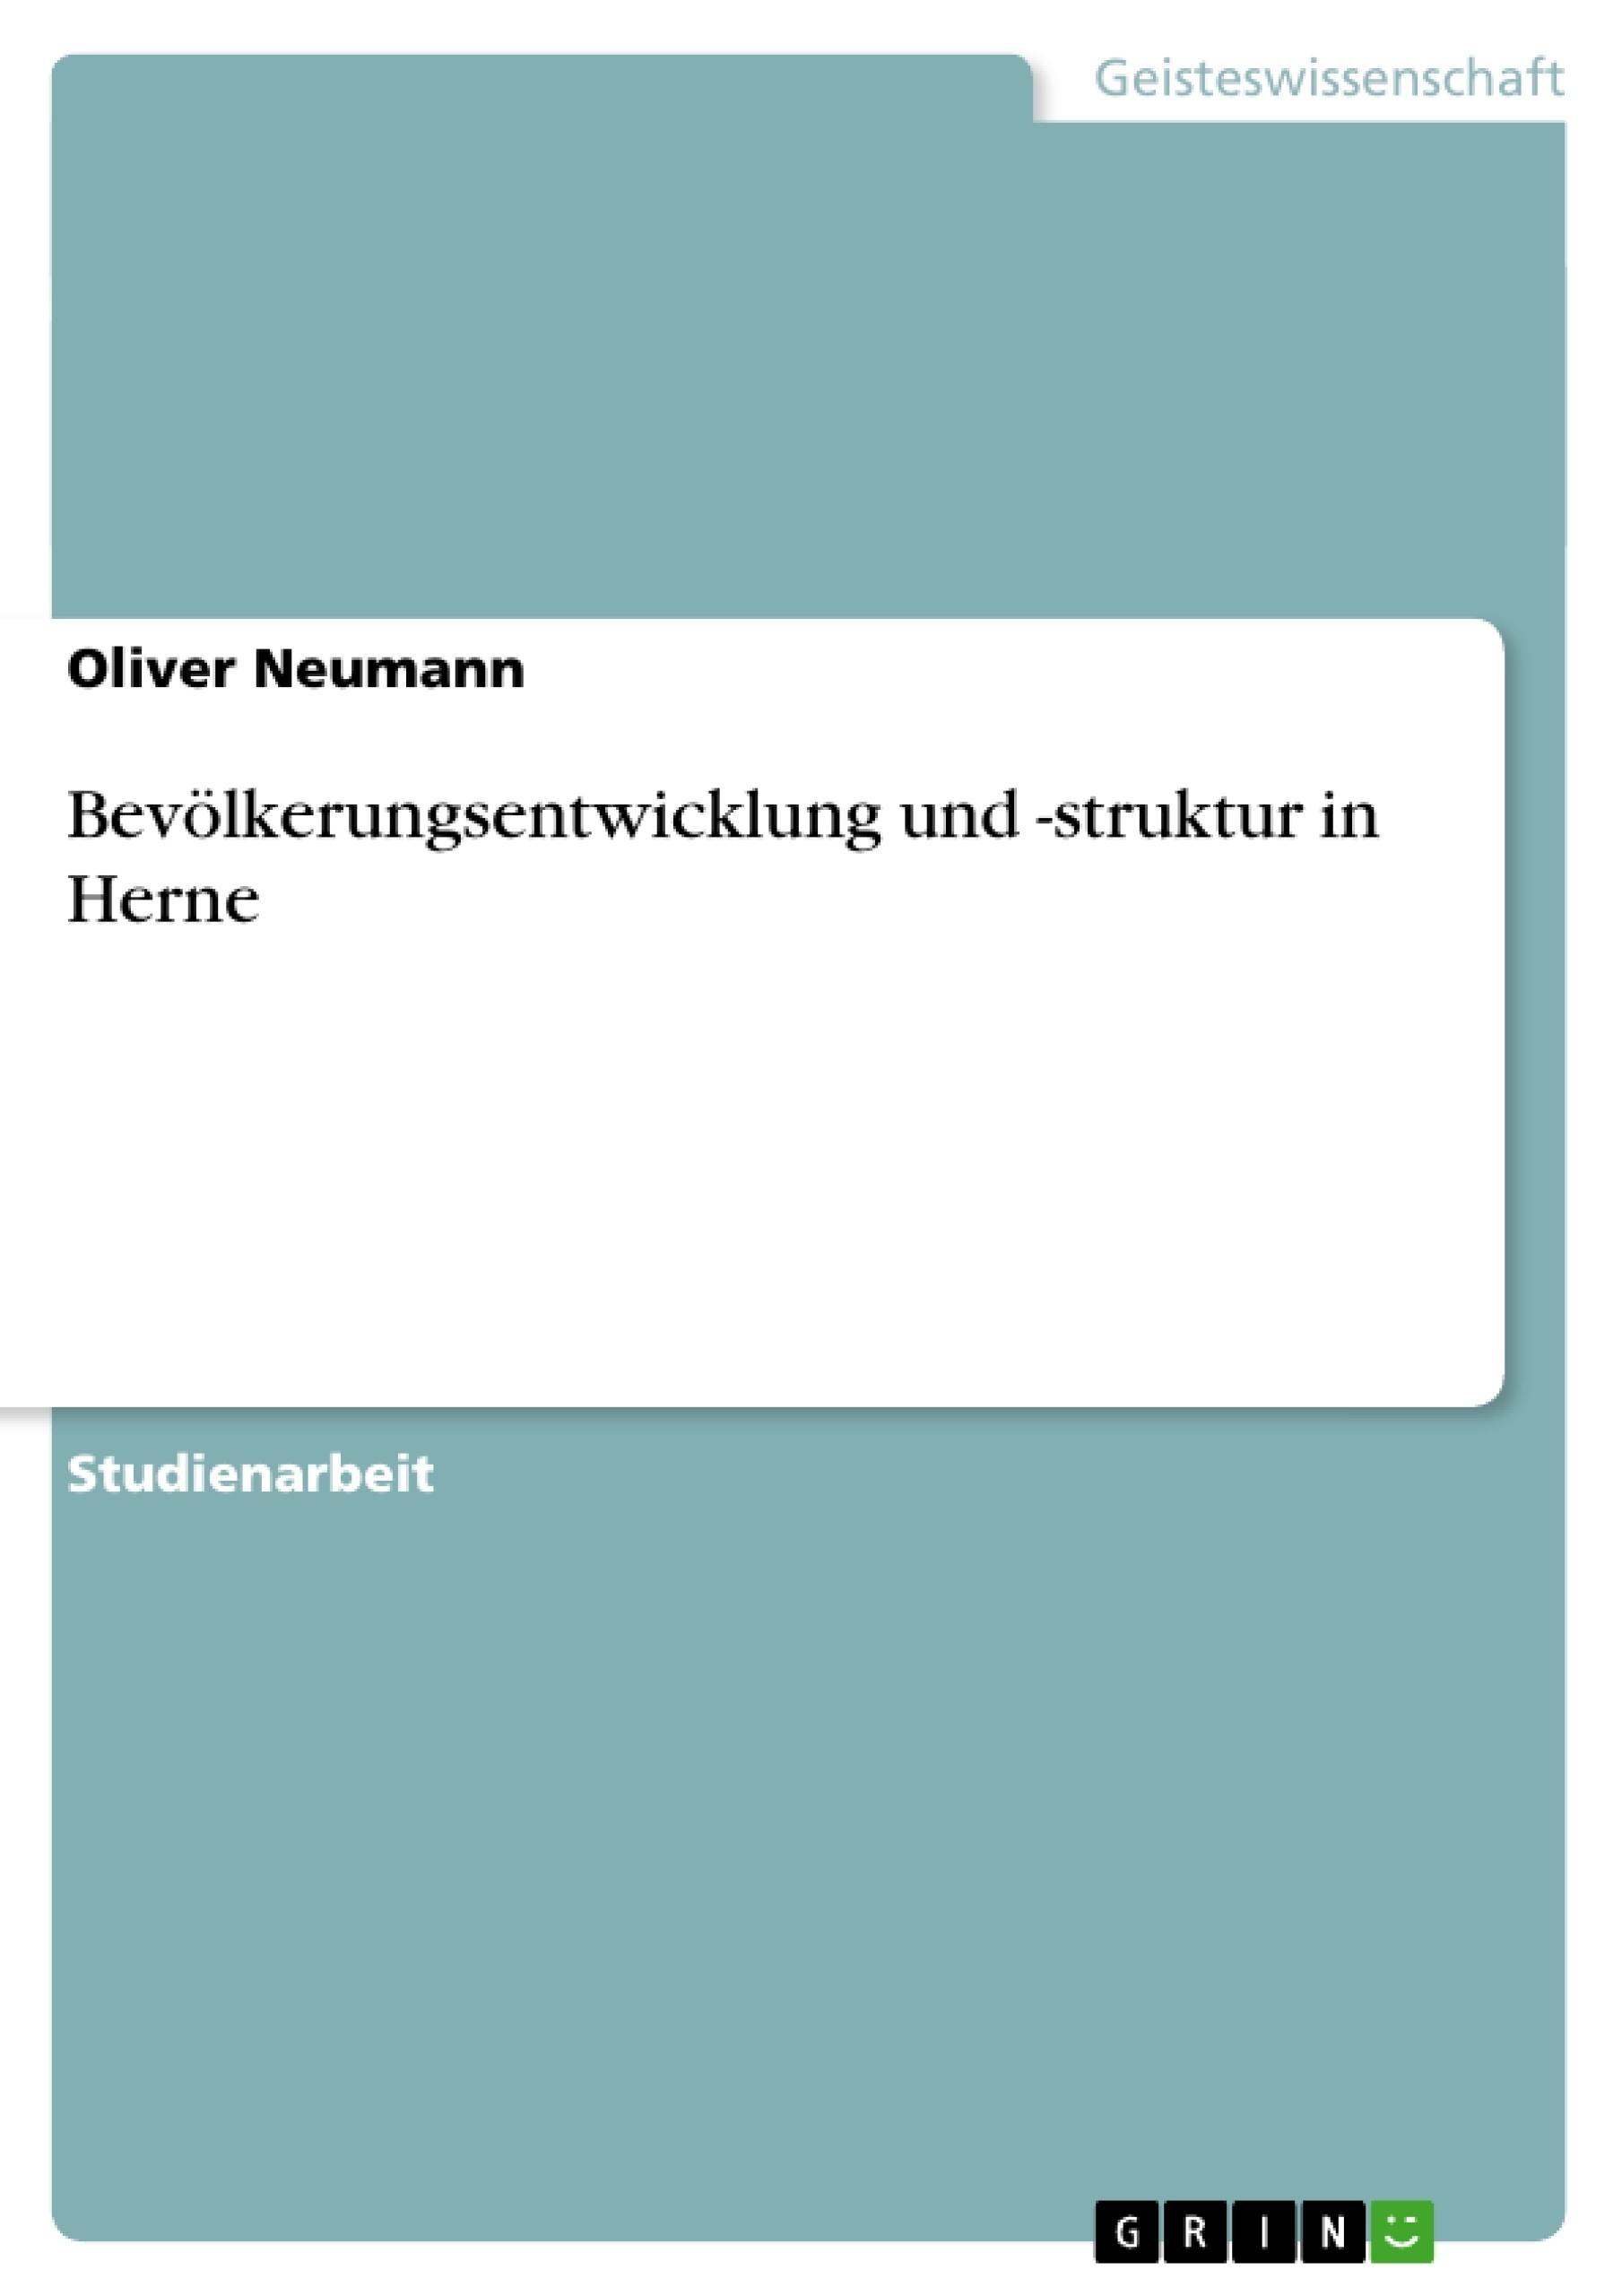 Titel: Bevölkerungsentwicklung und -struktur in Herne